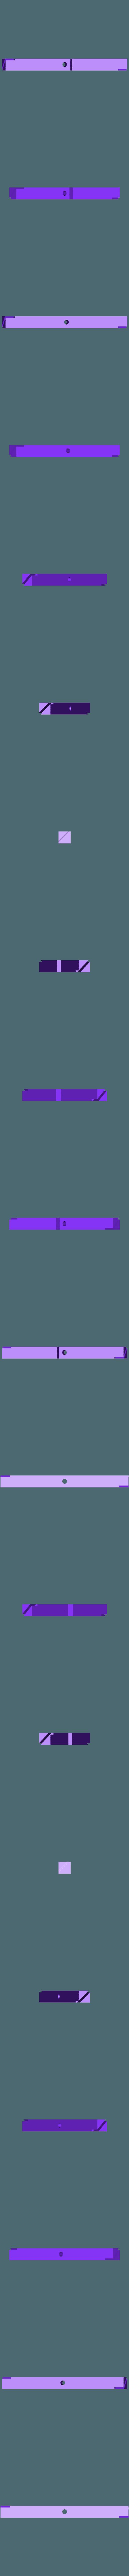 Crossbar.stl Télécharger fichier STL gratuit Santa Whirligig • Objet pour imprimante 3D, Sparky6548